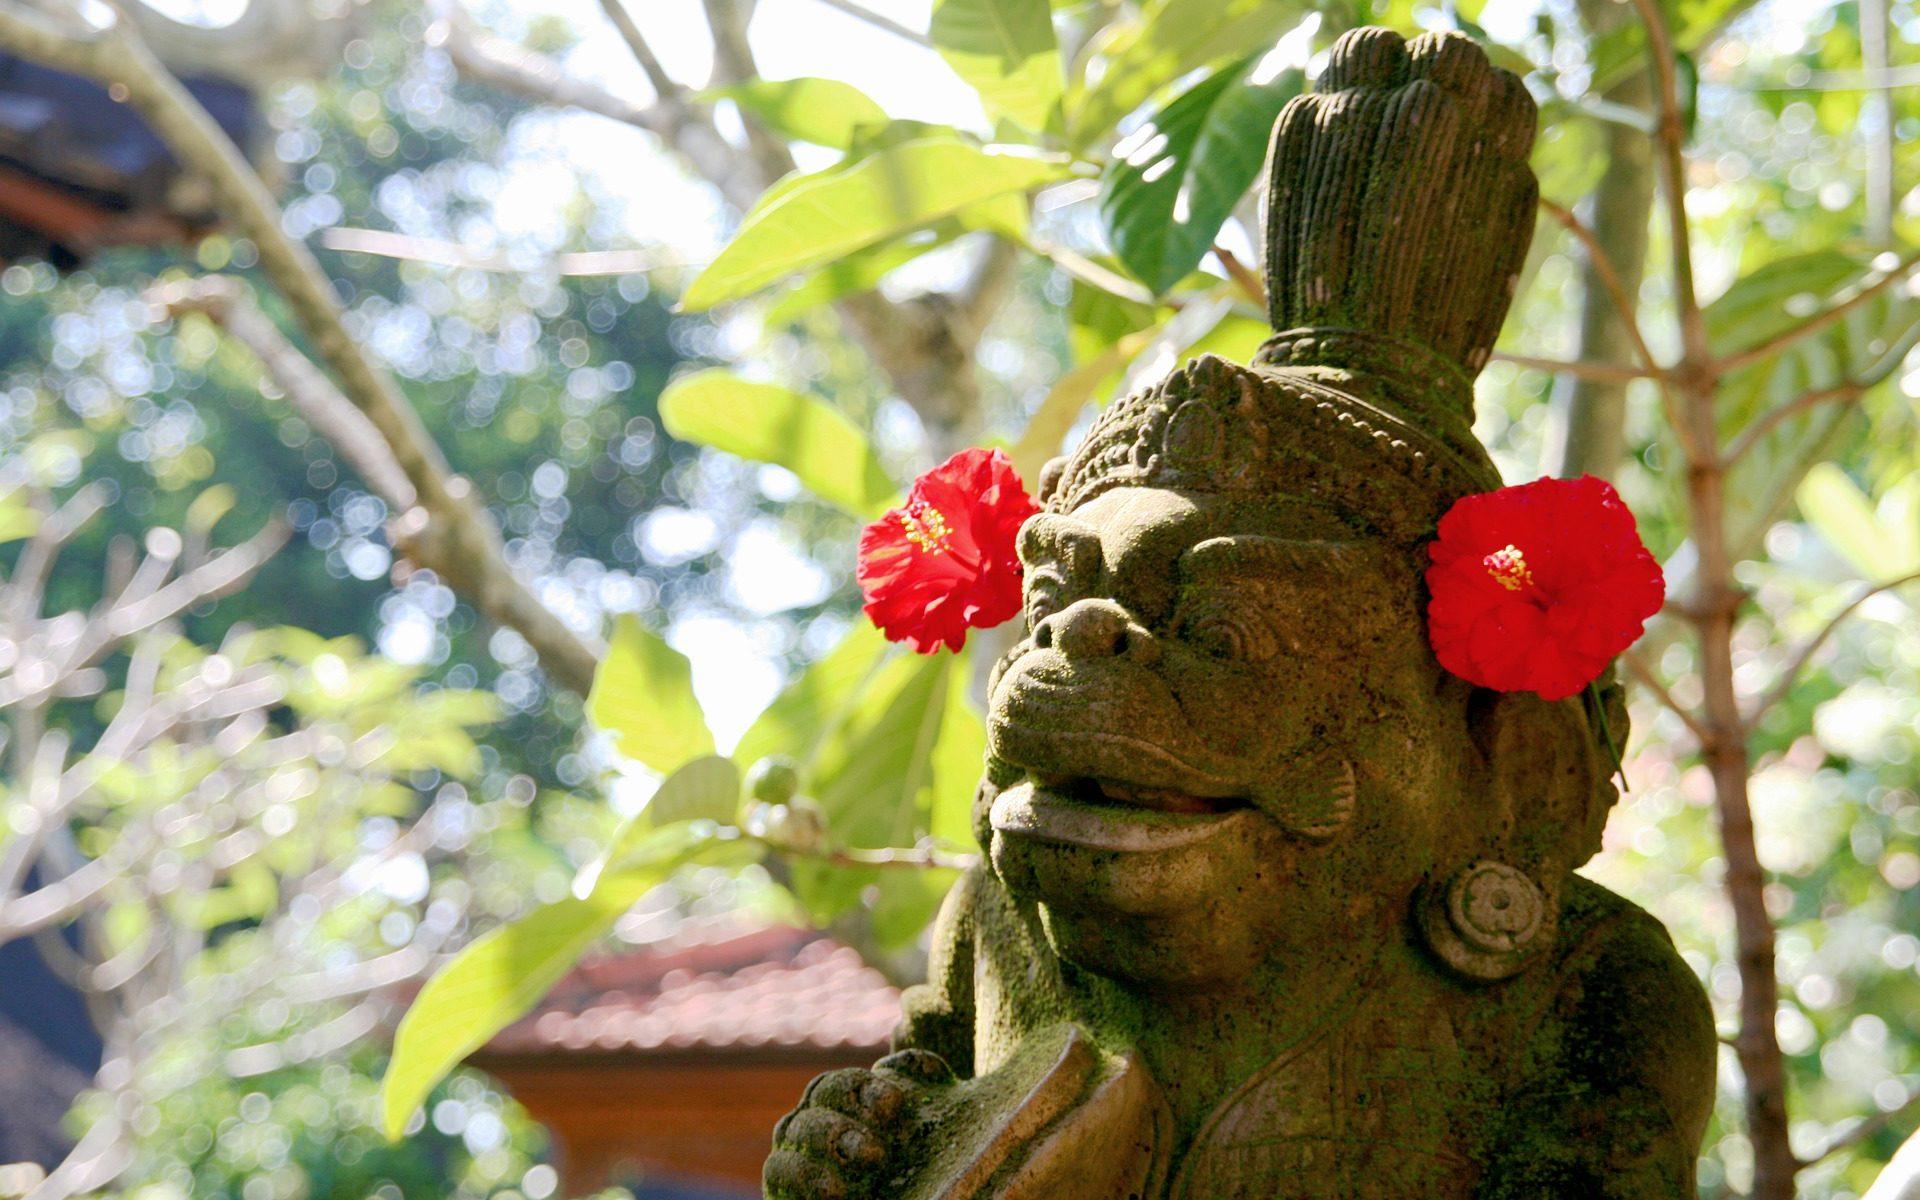 bali ubud statue 1920x1200 - Bali: Die Affen-Diebesbande vom Uluwatu Temple